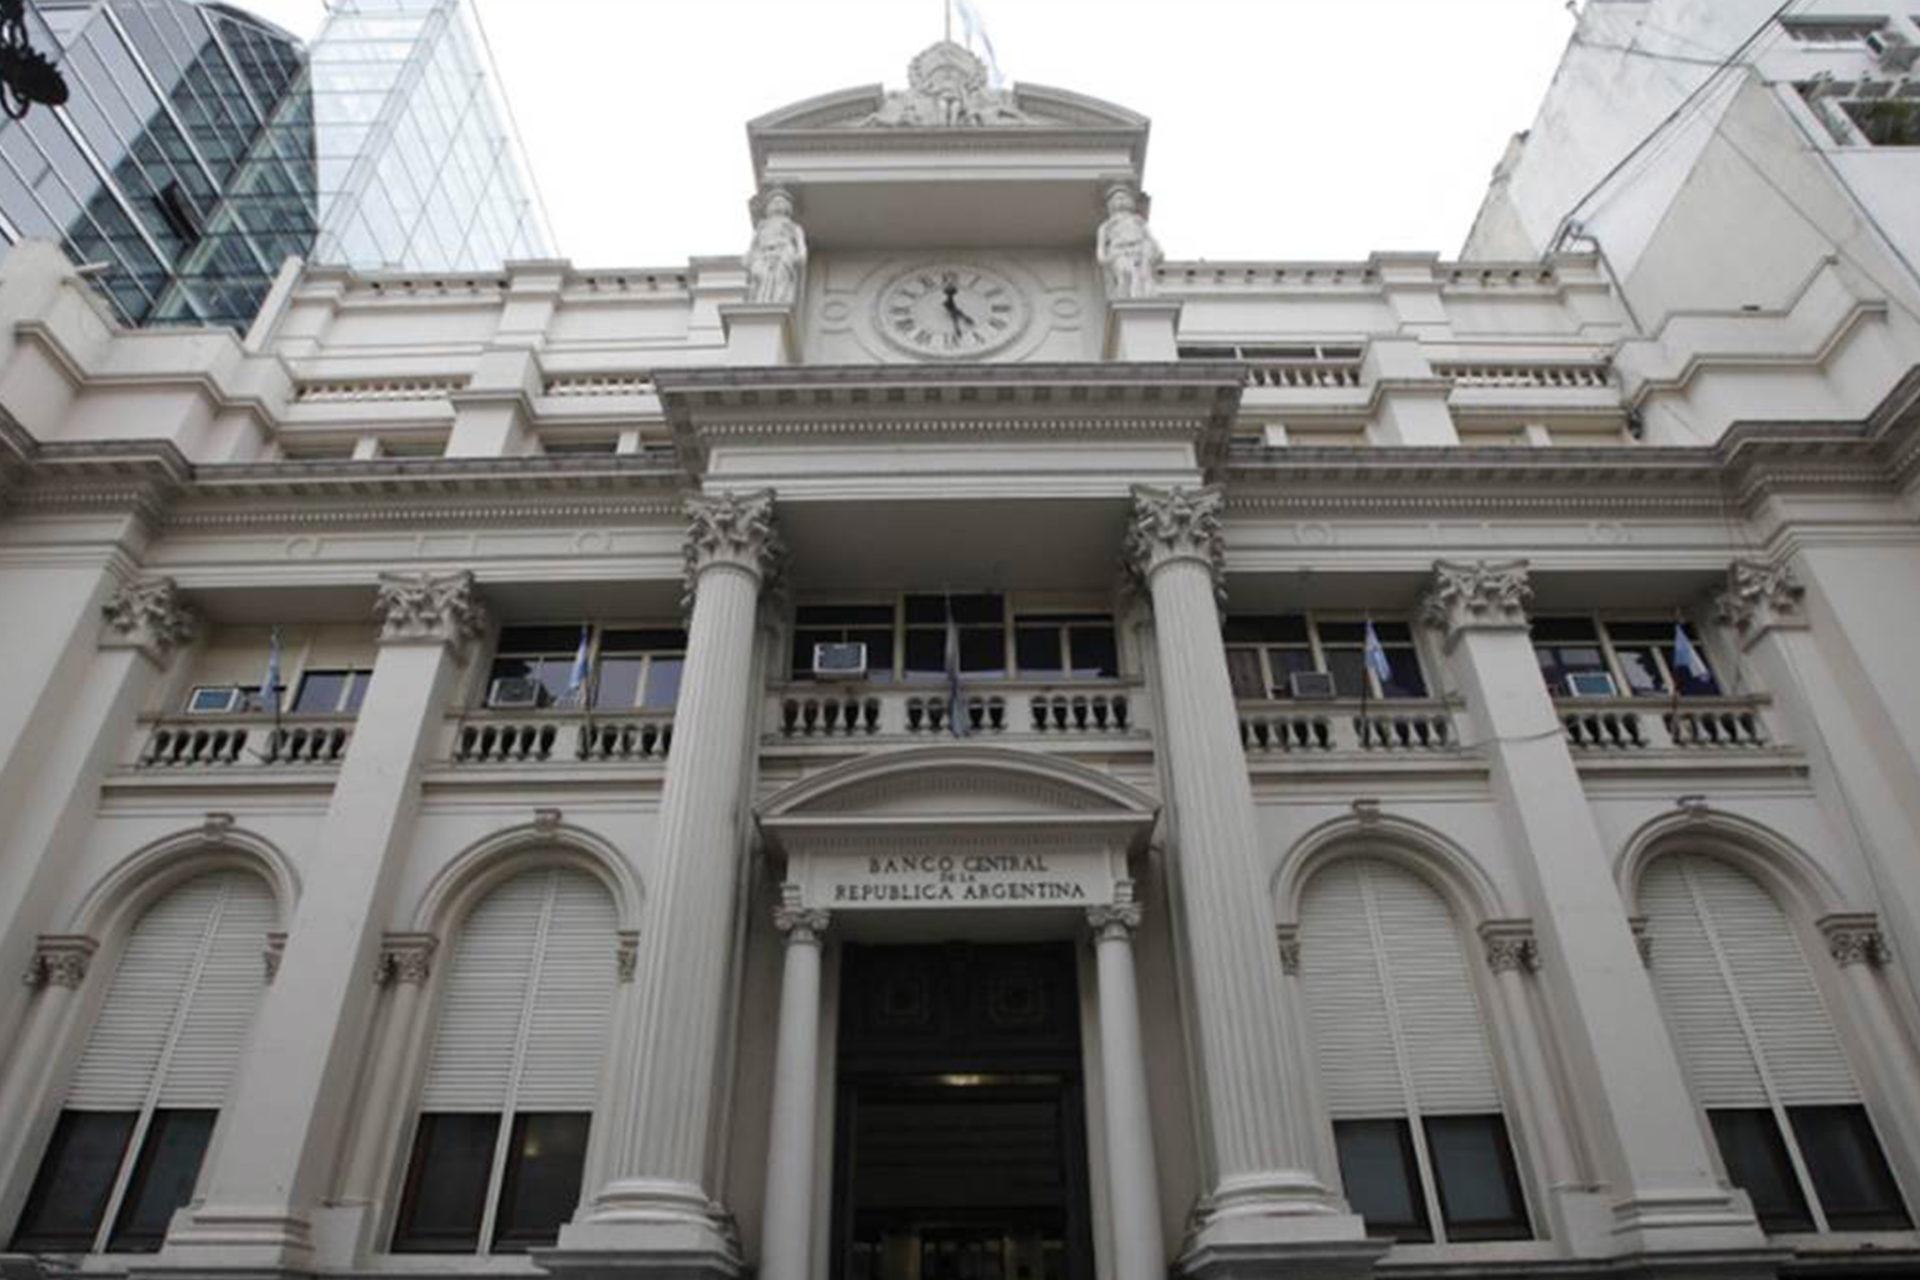 Se fortalece el seguro de depósitos en Argentina: se elimina el tope de tasa de interés.